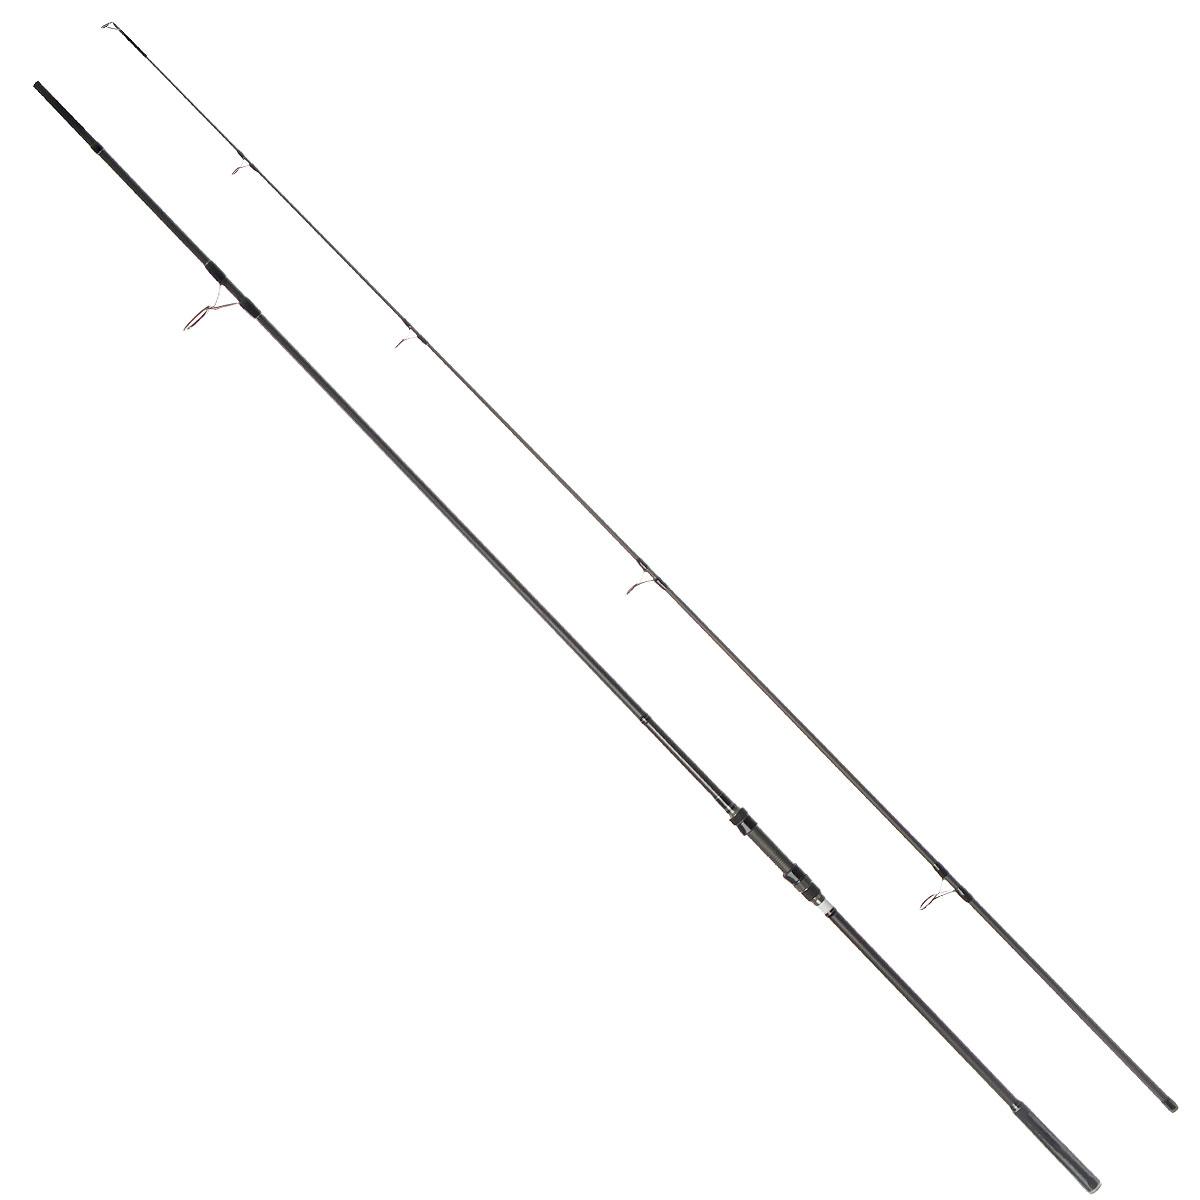 Удилище карповое Daiwa Windcast Carp, 3,9 м, 3,75 lbs13965Daiwa Windcast Carp - это высококлассное карповое удилище с феноменальными рабочими характеристиками.Особенности удилища:Бланки из высокомодульного графита обеспечивают высокую чувствительность и мощность. Армирующая графитовая оплетка по всей длине. Надежный катушкодержатель от FujiПропускные кольца со вставками Sic. Флуоресцентная полоска с подсветкой специально для ночной ловли.Поставляется в чехле для переноски и хранения.Тест: 3,75 lbs.